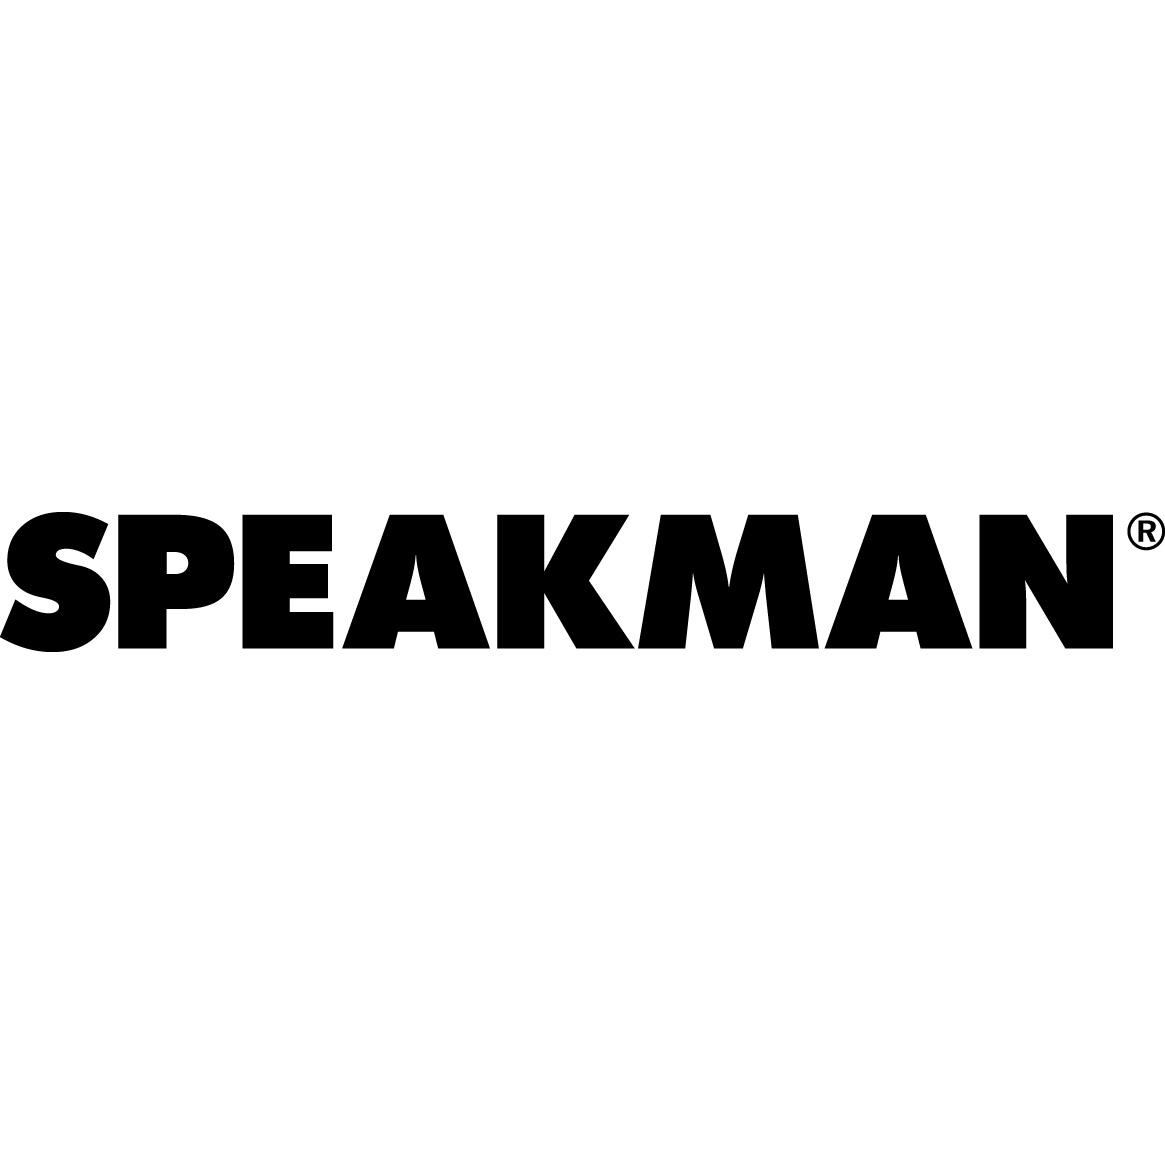 Speakman-BLACK-LogoSQ.jpg